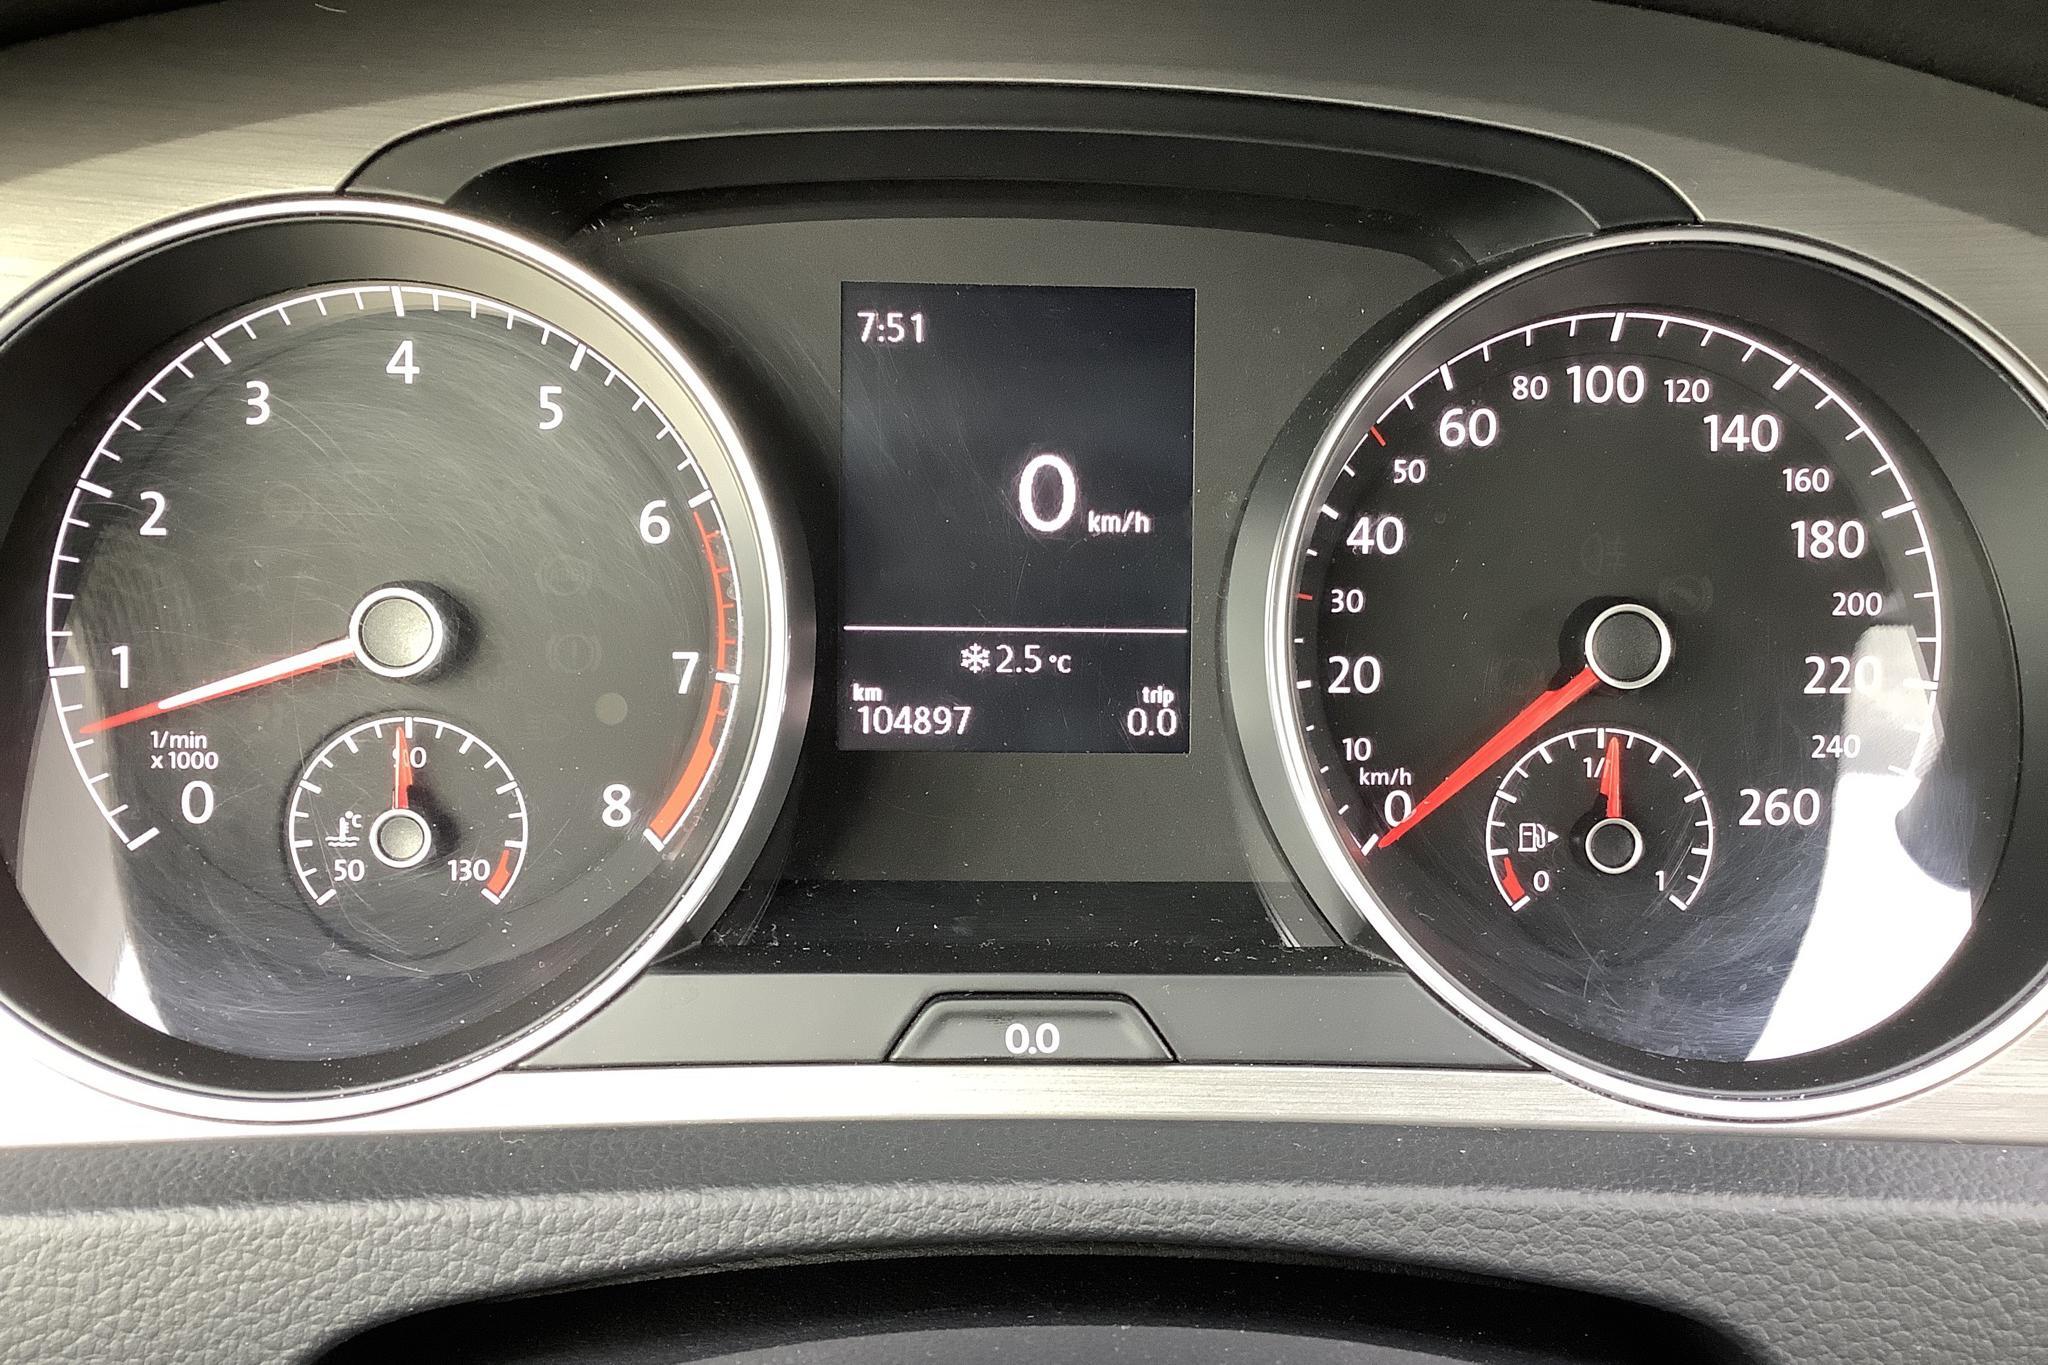 VW Golf VII 1.4 TSI Multifuel 5dr (122hk) - 10 489 mil - Manuell - blå - 2014